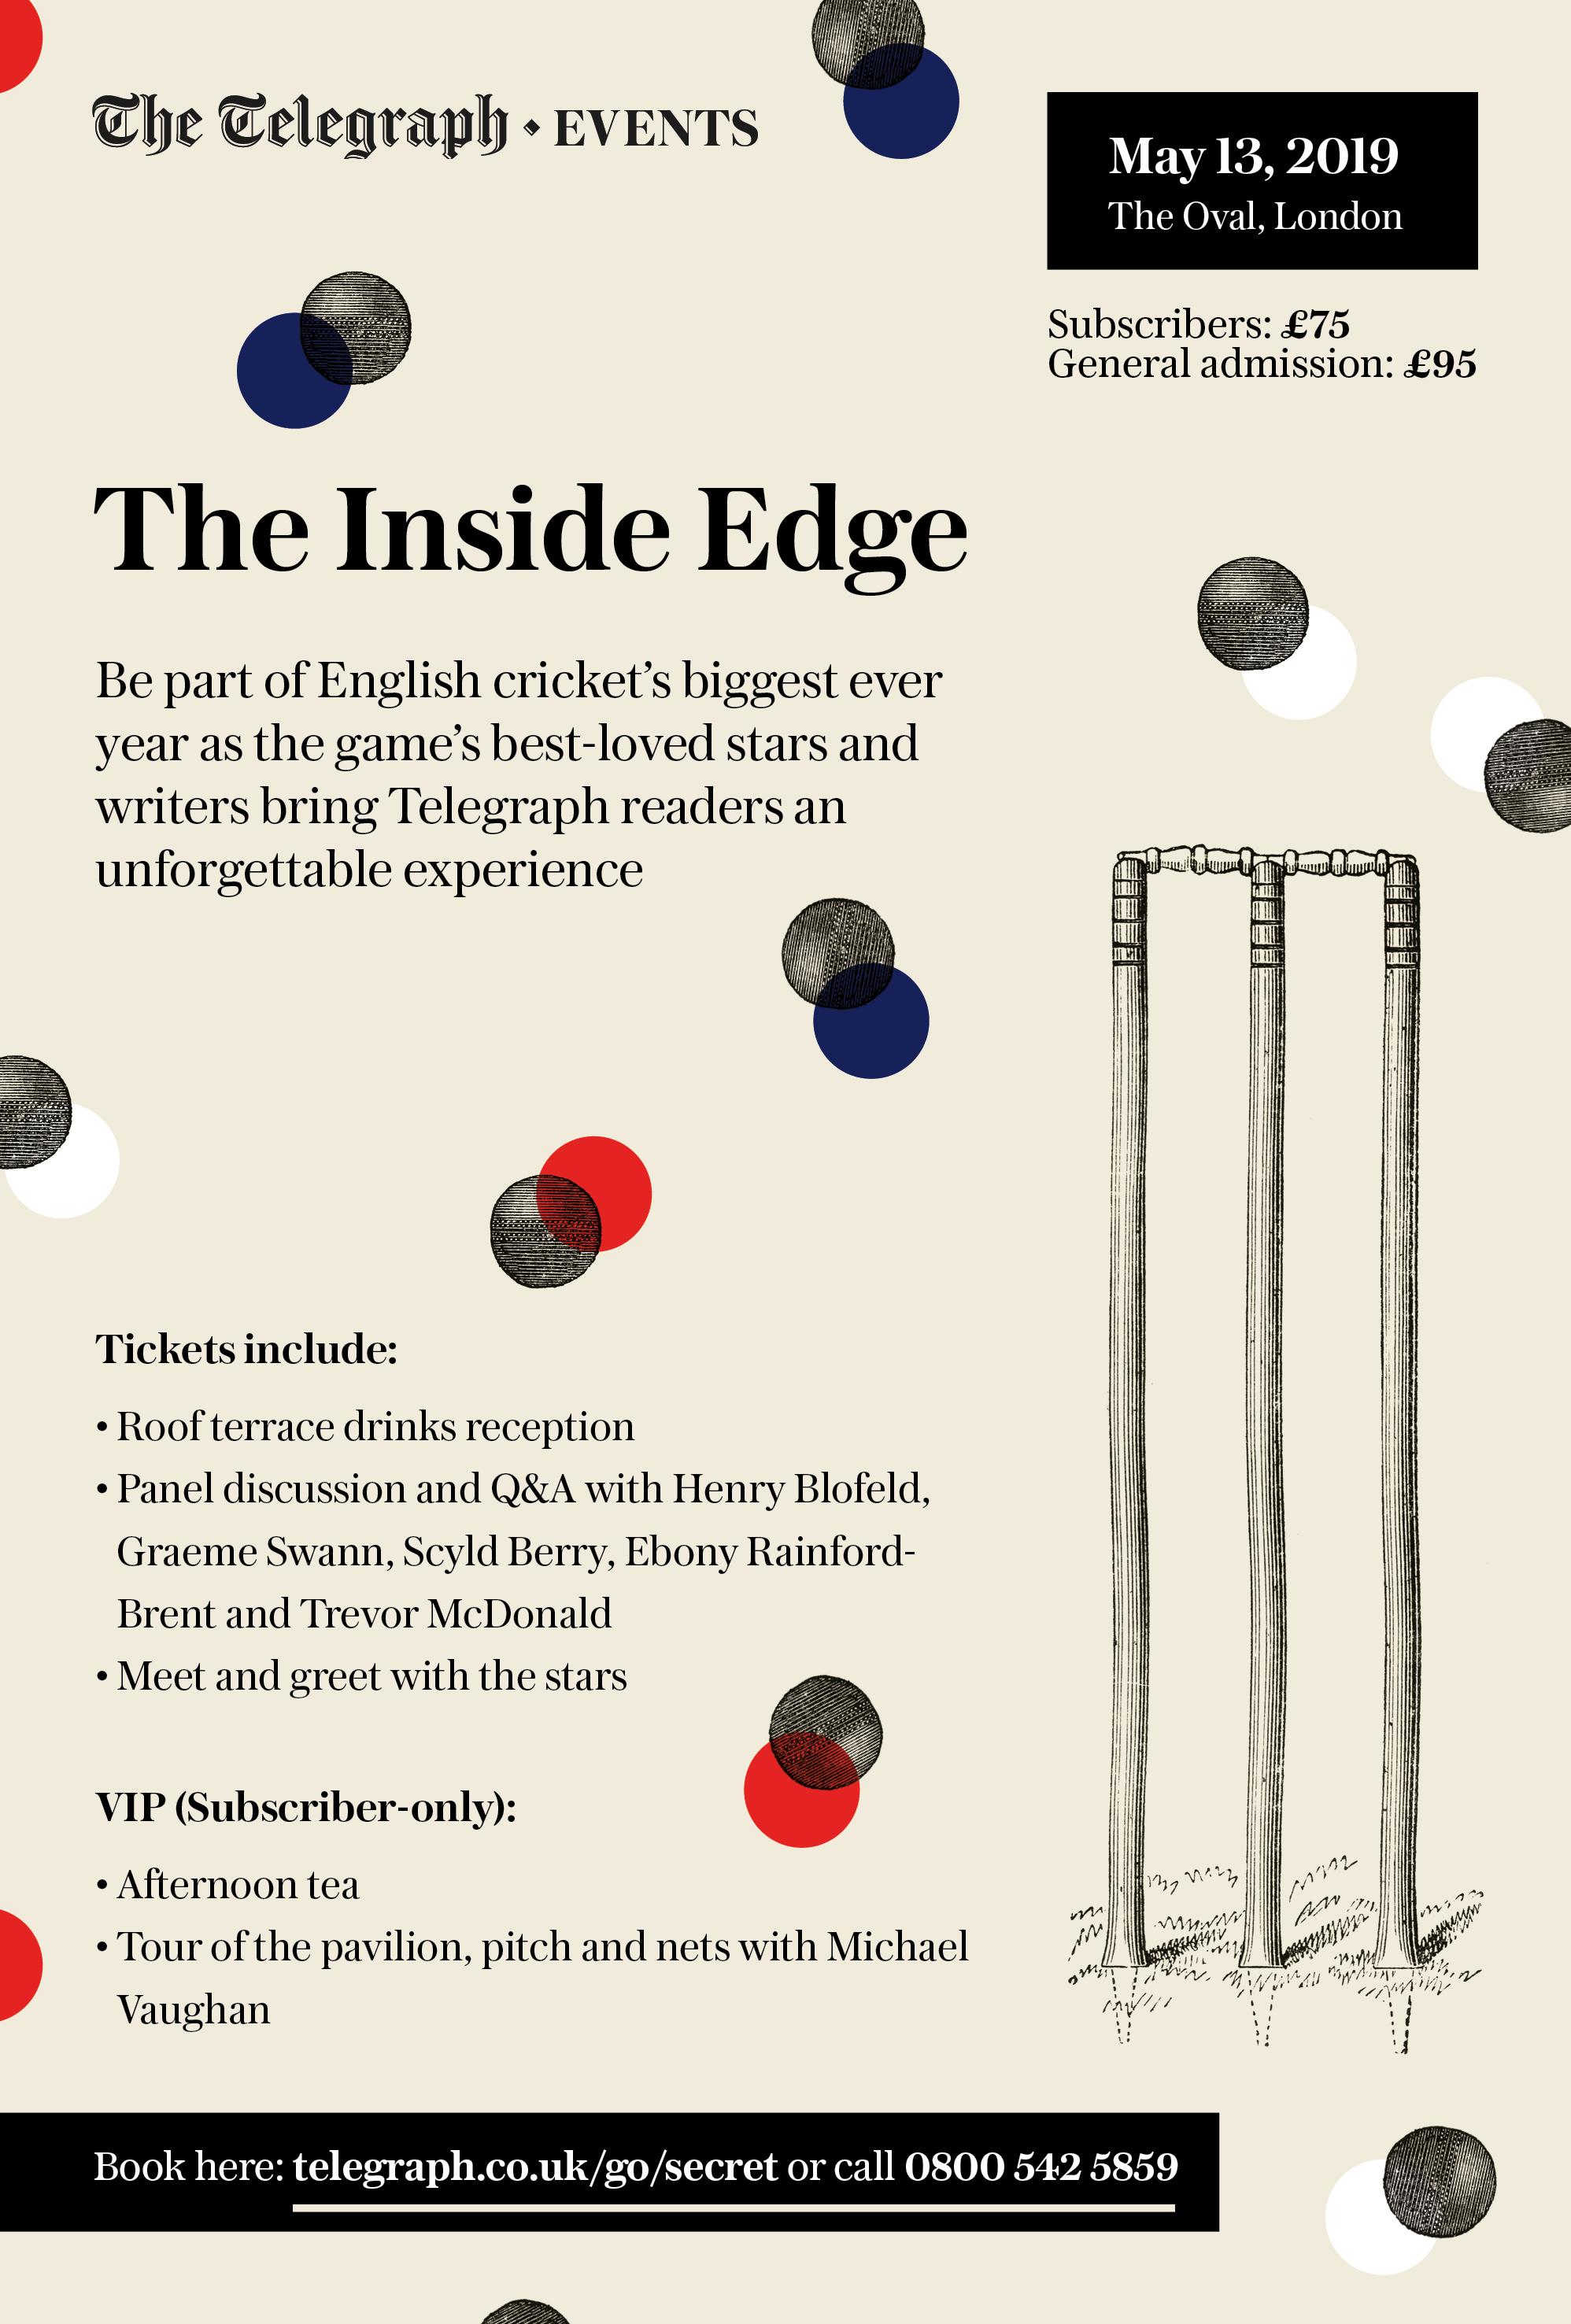 Cricket 25x4-V1.jpg